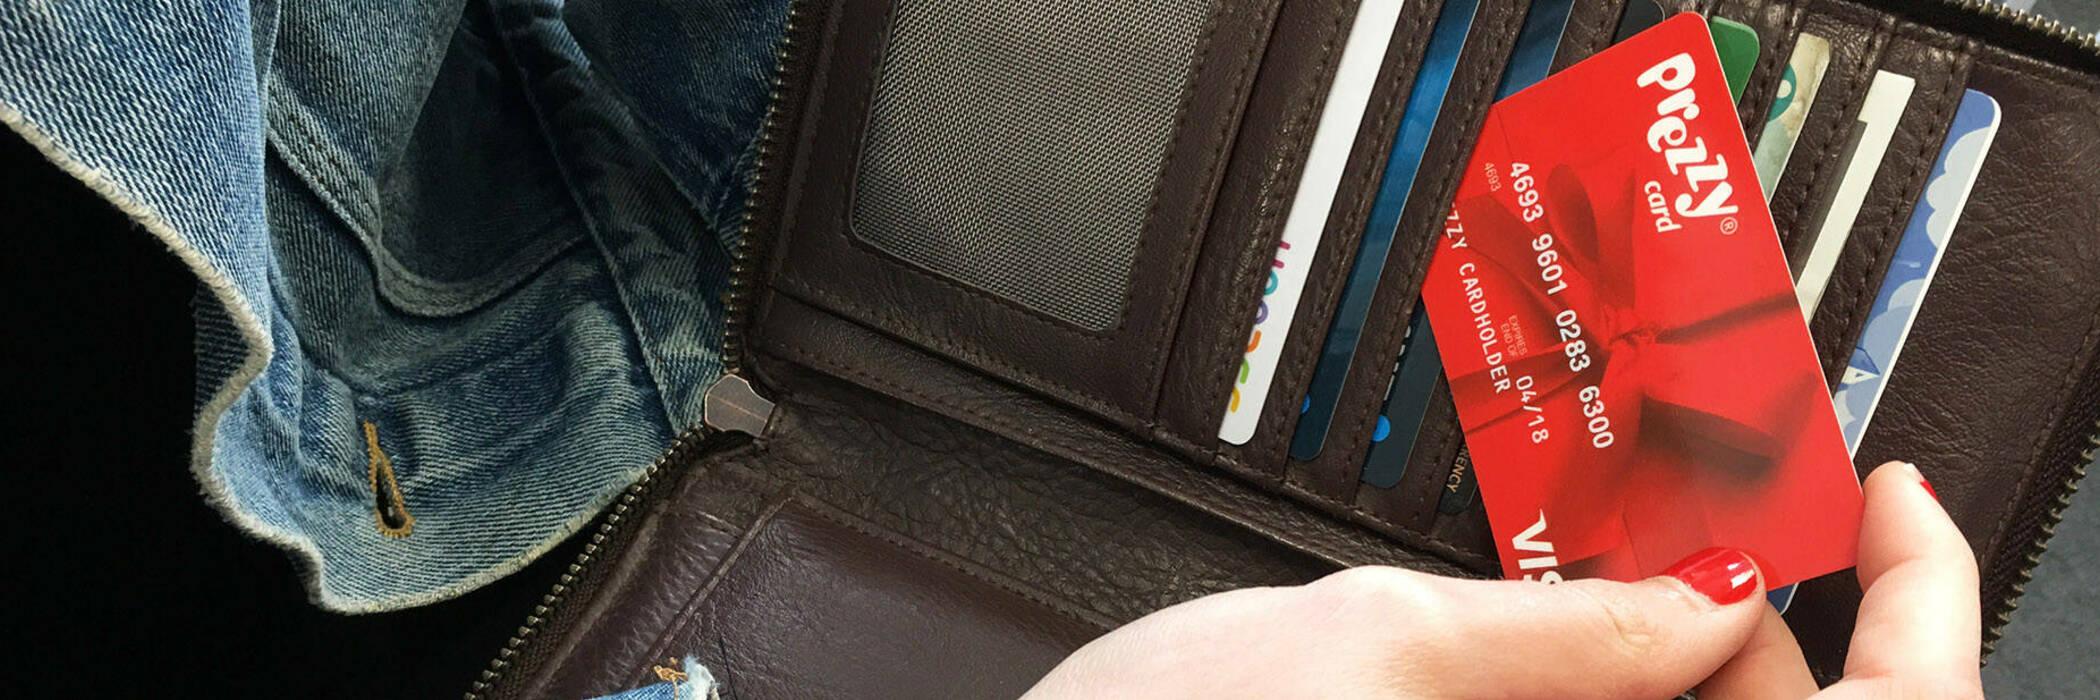 Prezzy Card in wallet